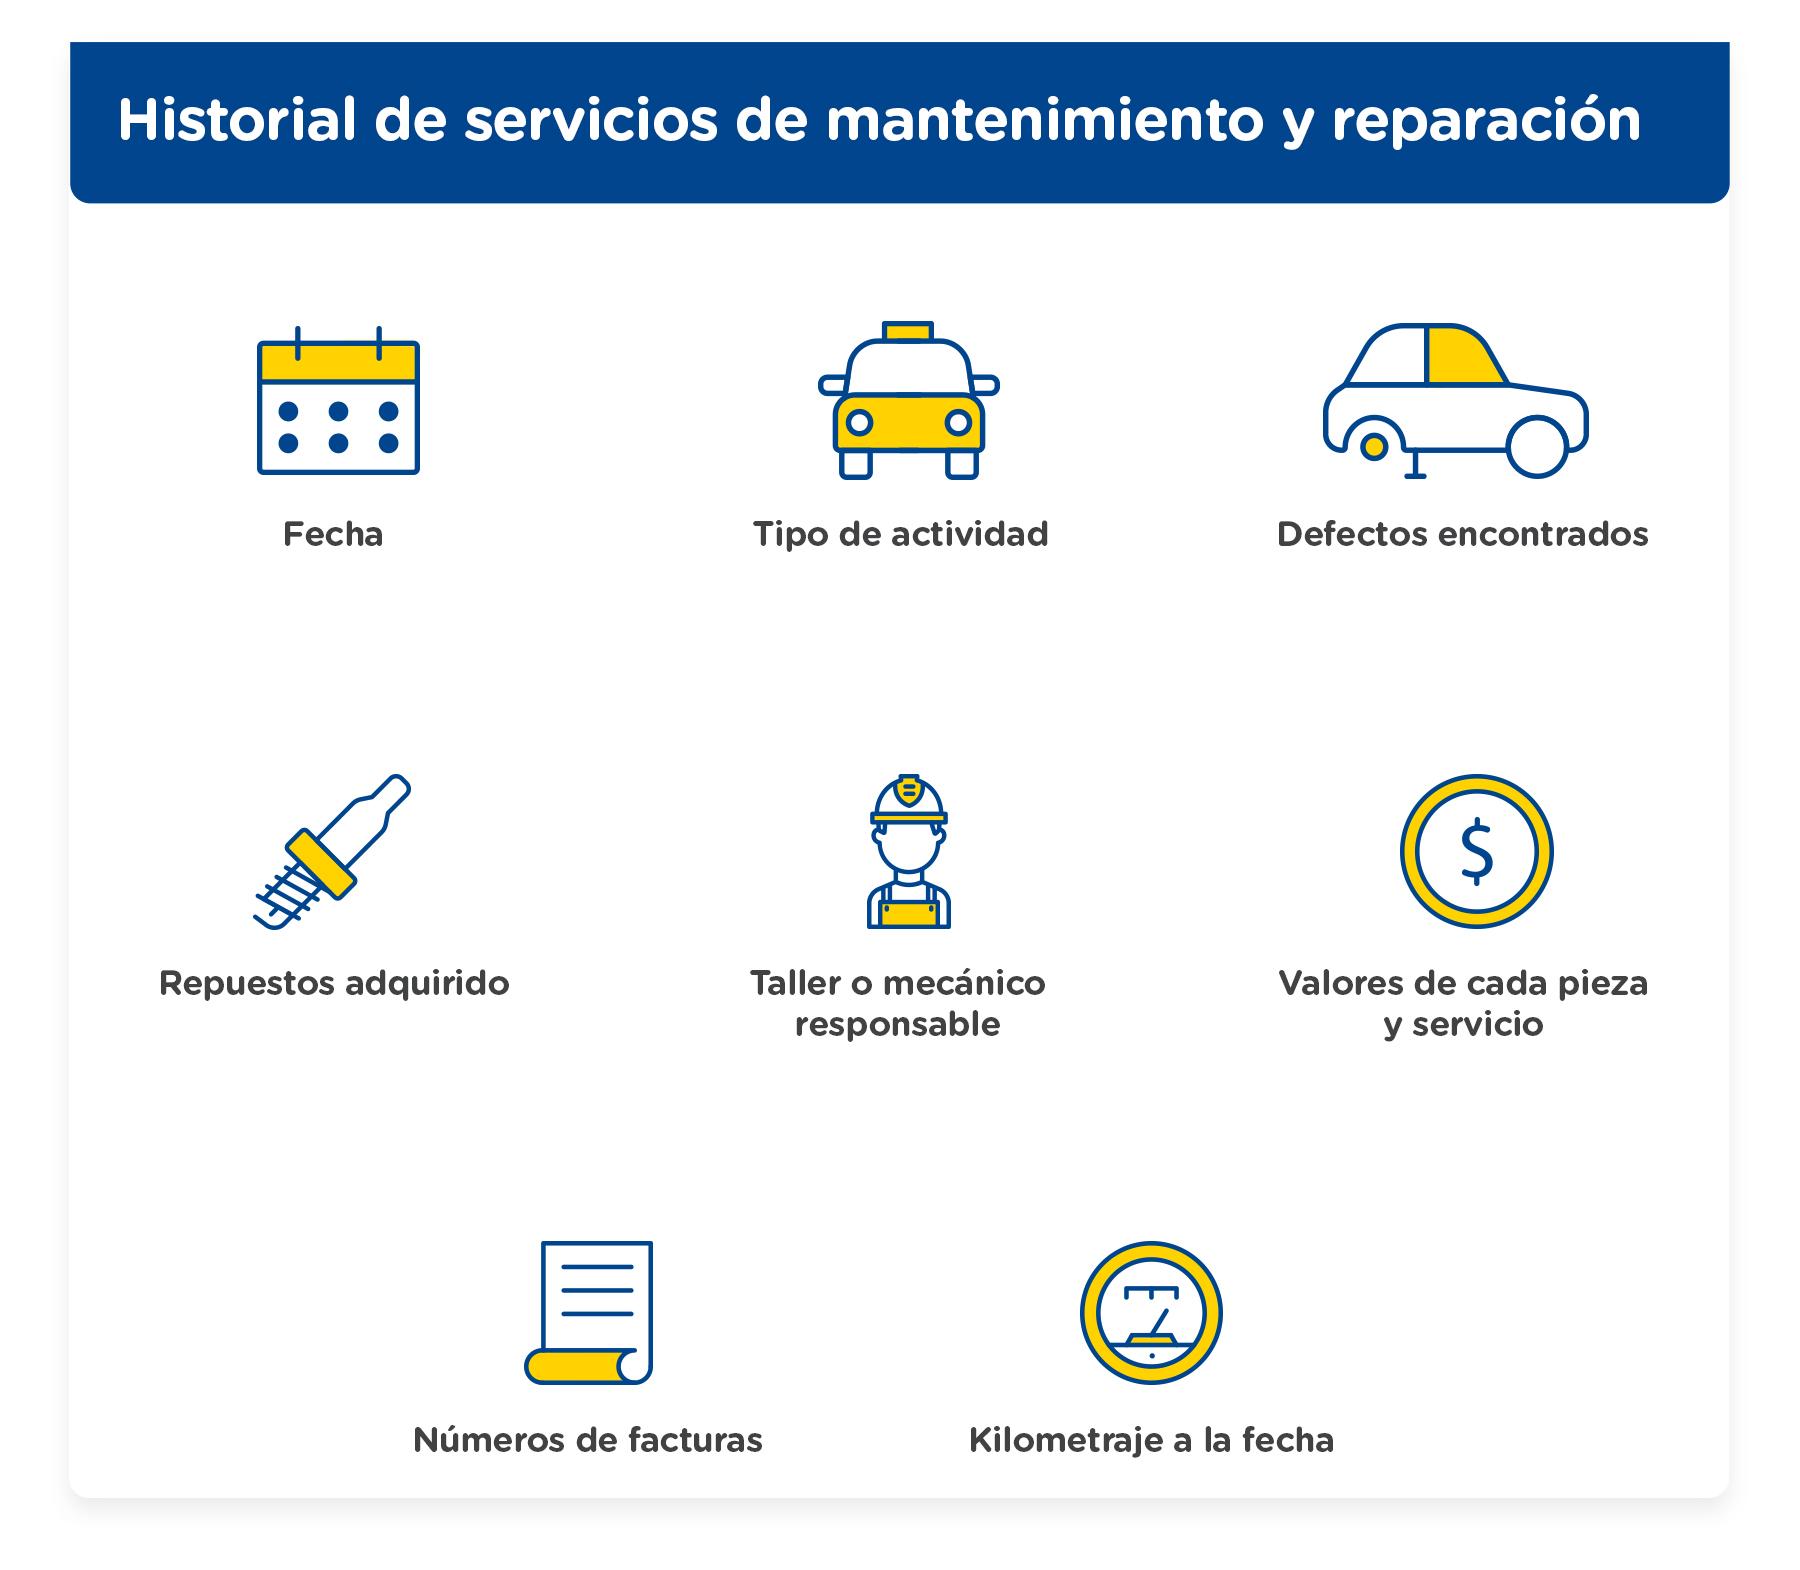 IMG_Blog_Historia_de_mantenimiento-08